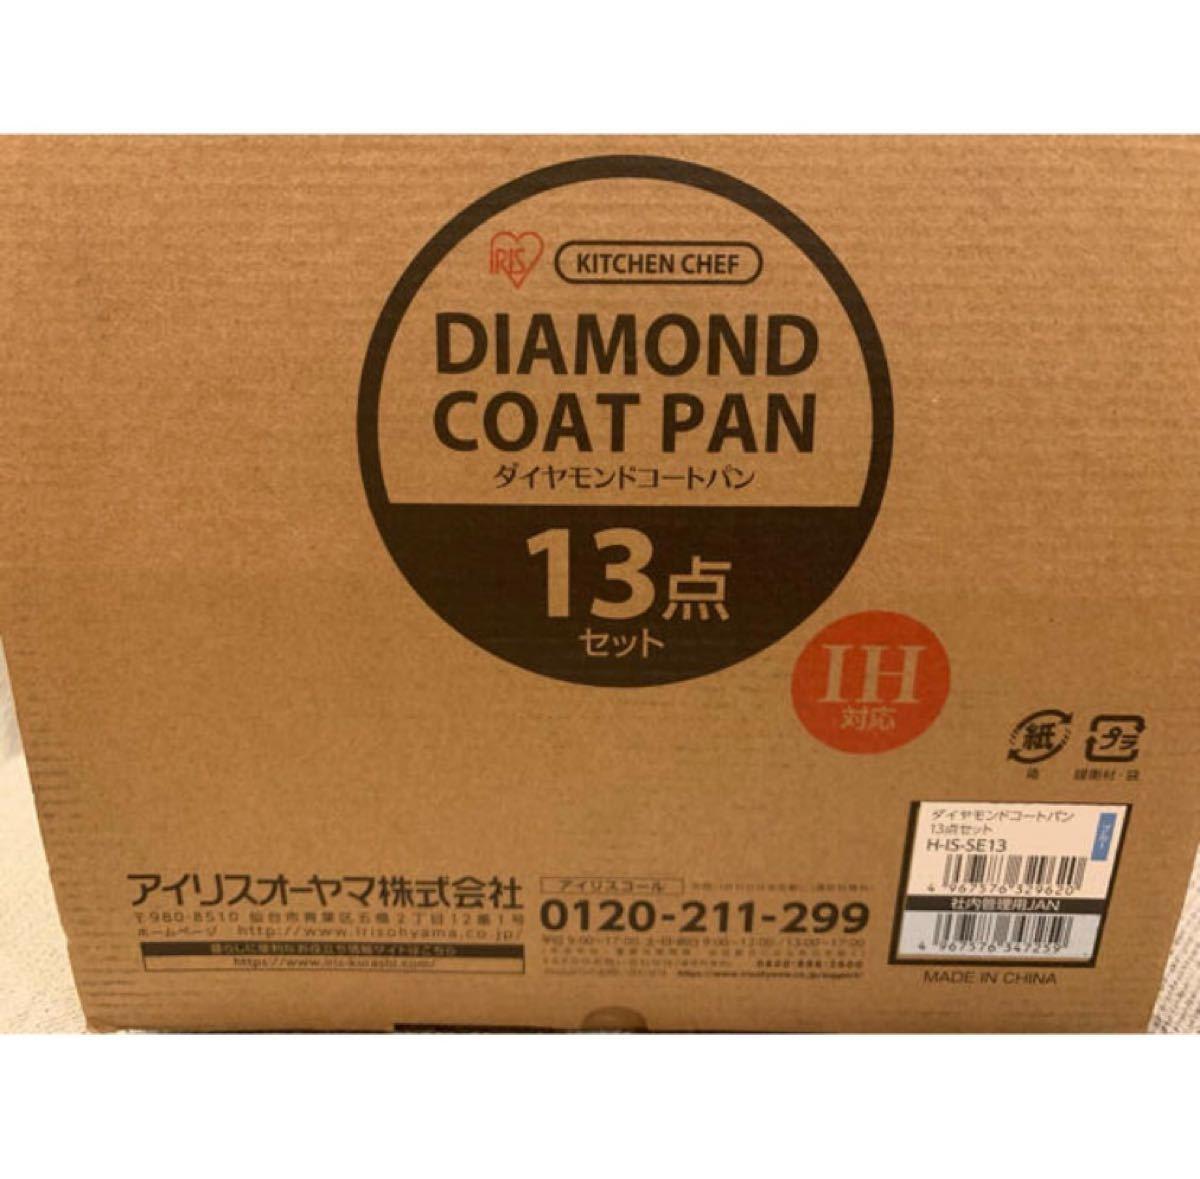 アイリスオーヤマ フライパンセット ブルー ダイヤモンドコートパン13点セット H-ISSE13P